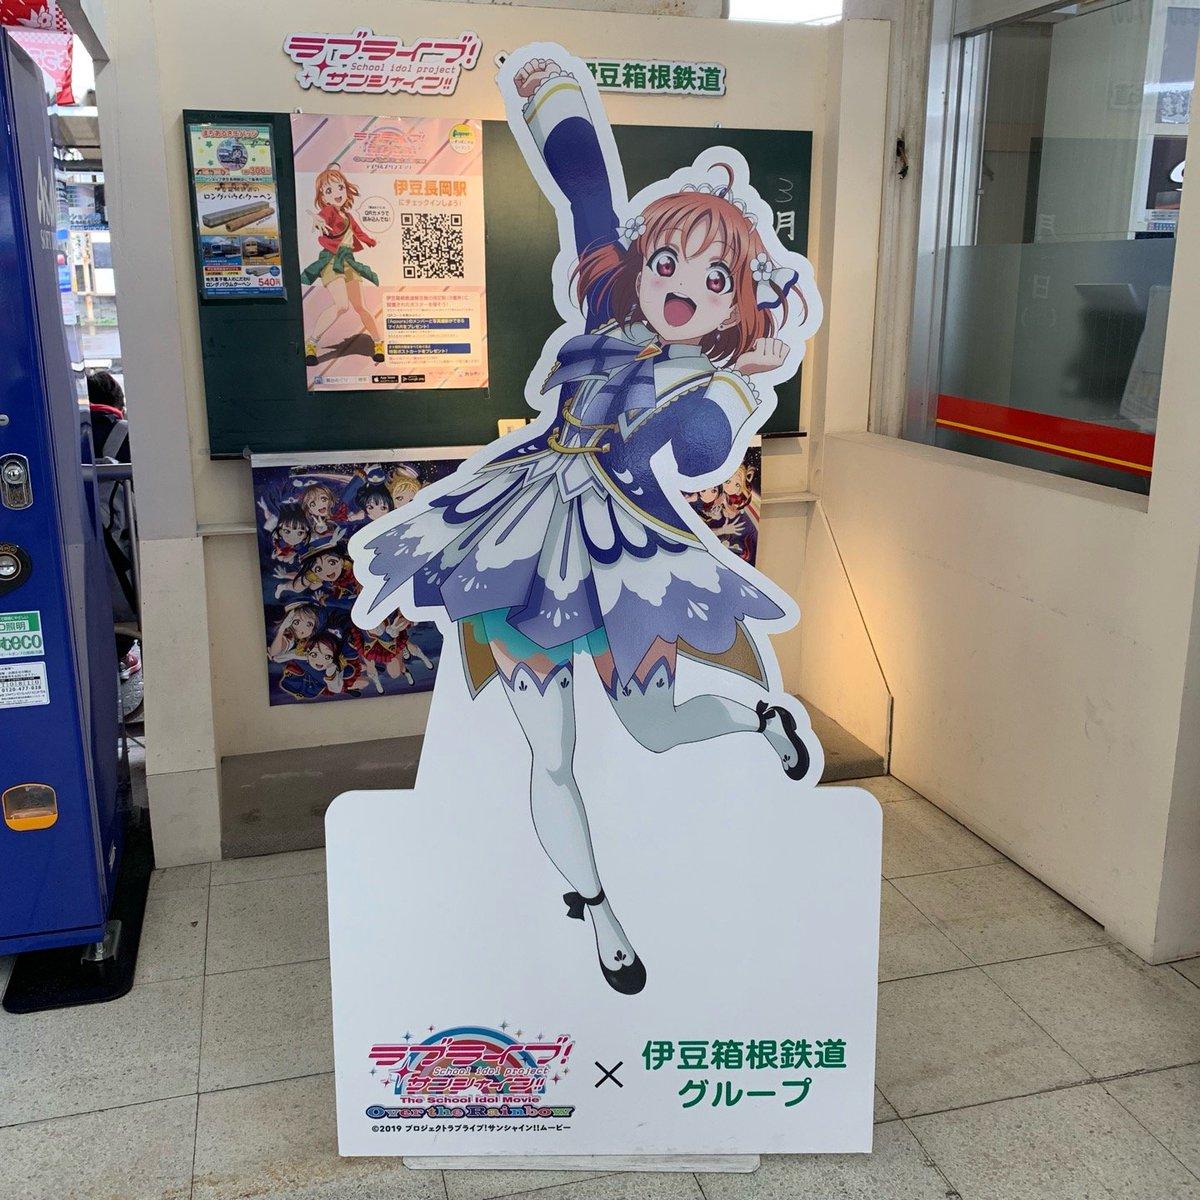 伊豆箱根鉄道 伊豆長岡駅 パネル(高海千歌)